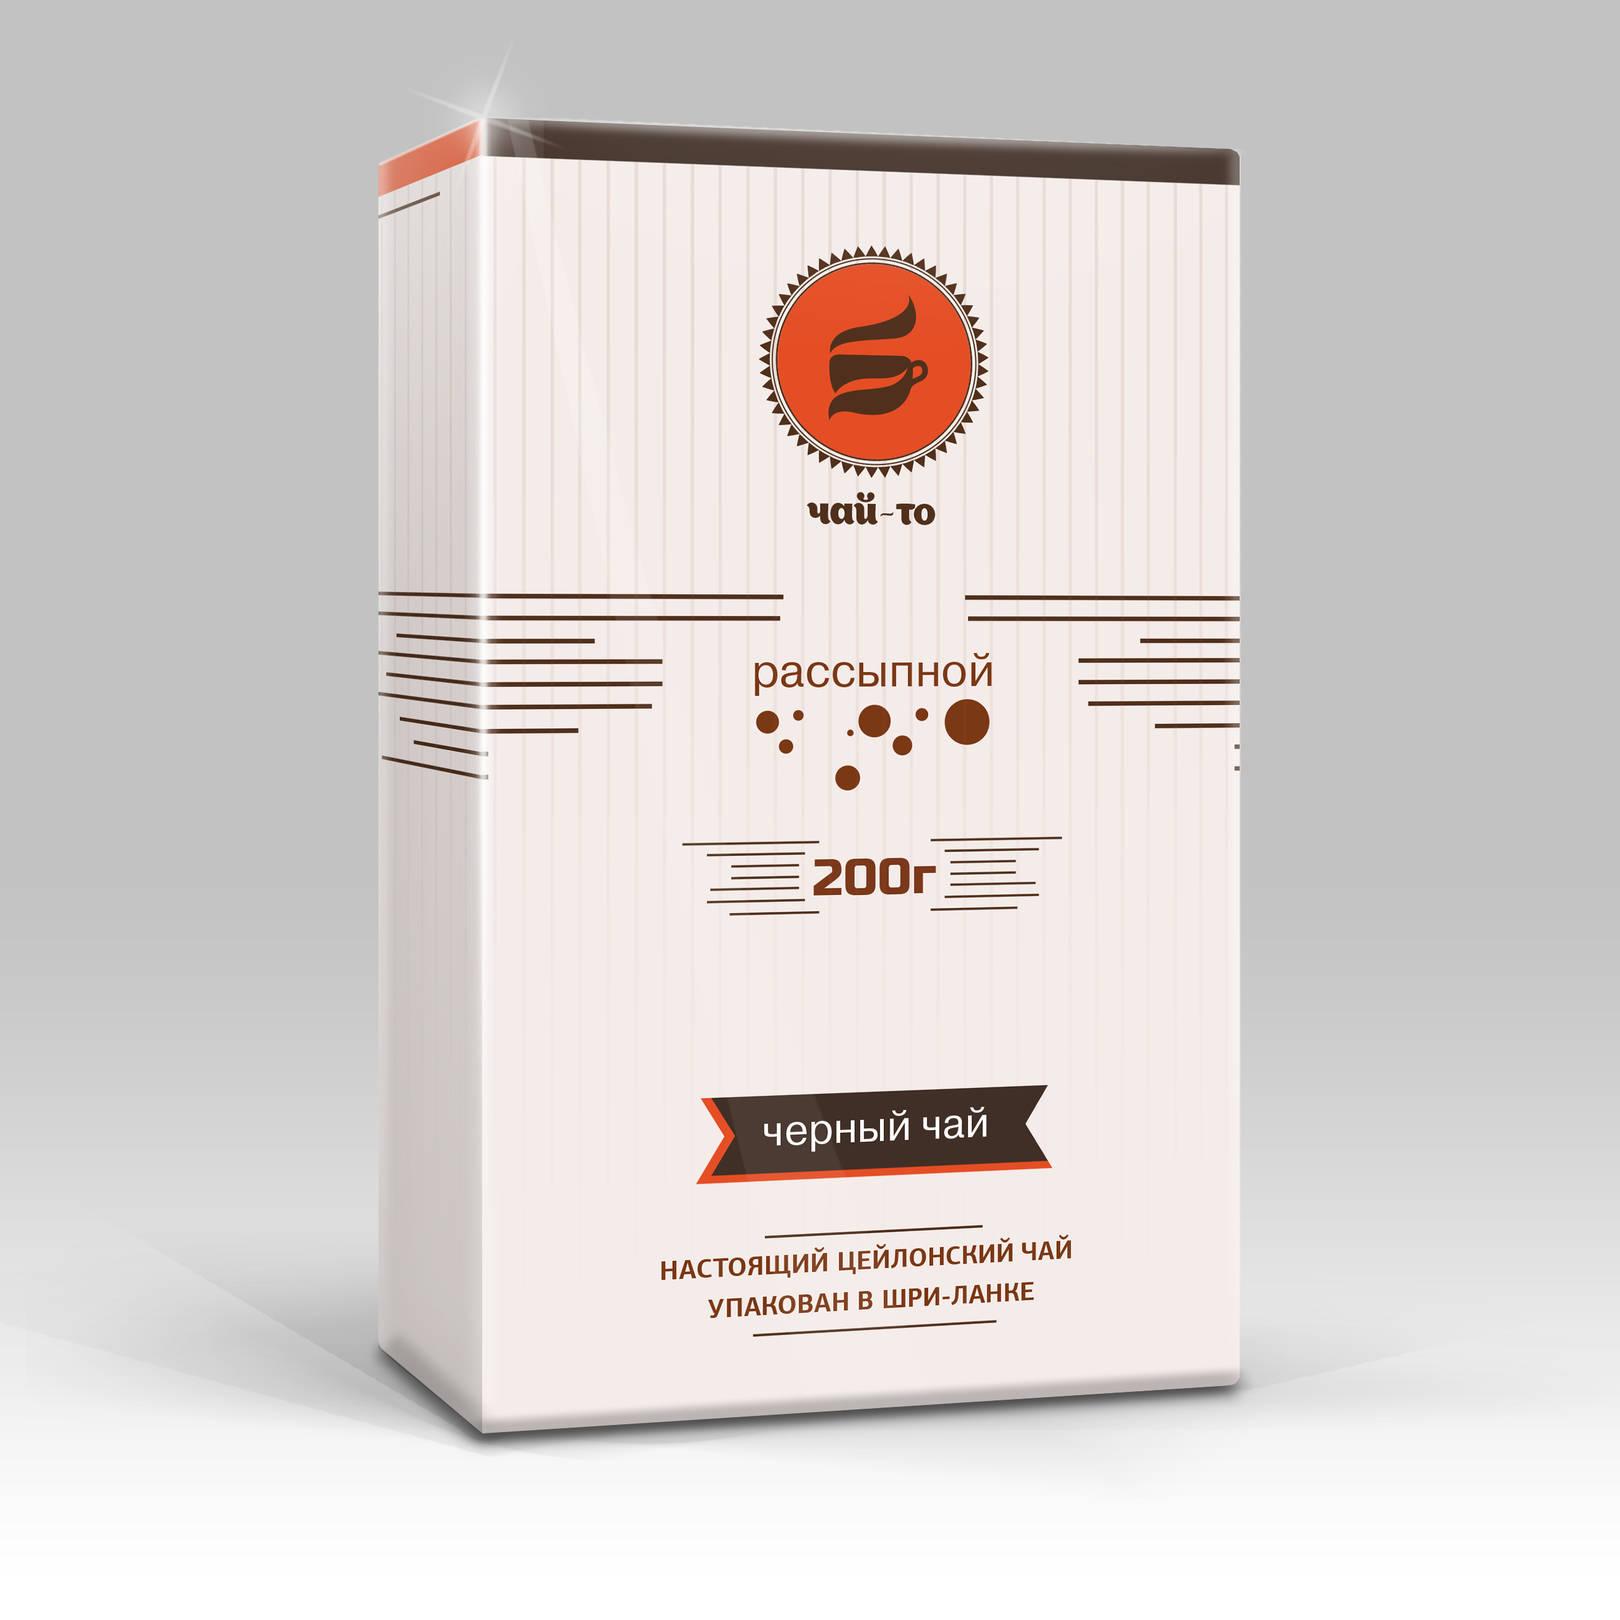 Концепция упаковки чая / Tea packaging concept